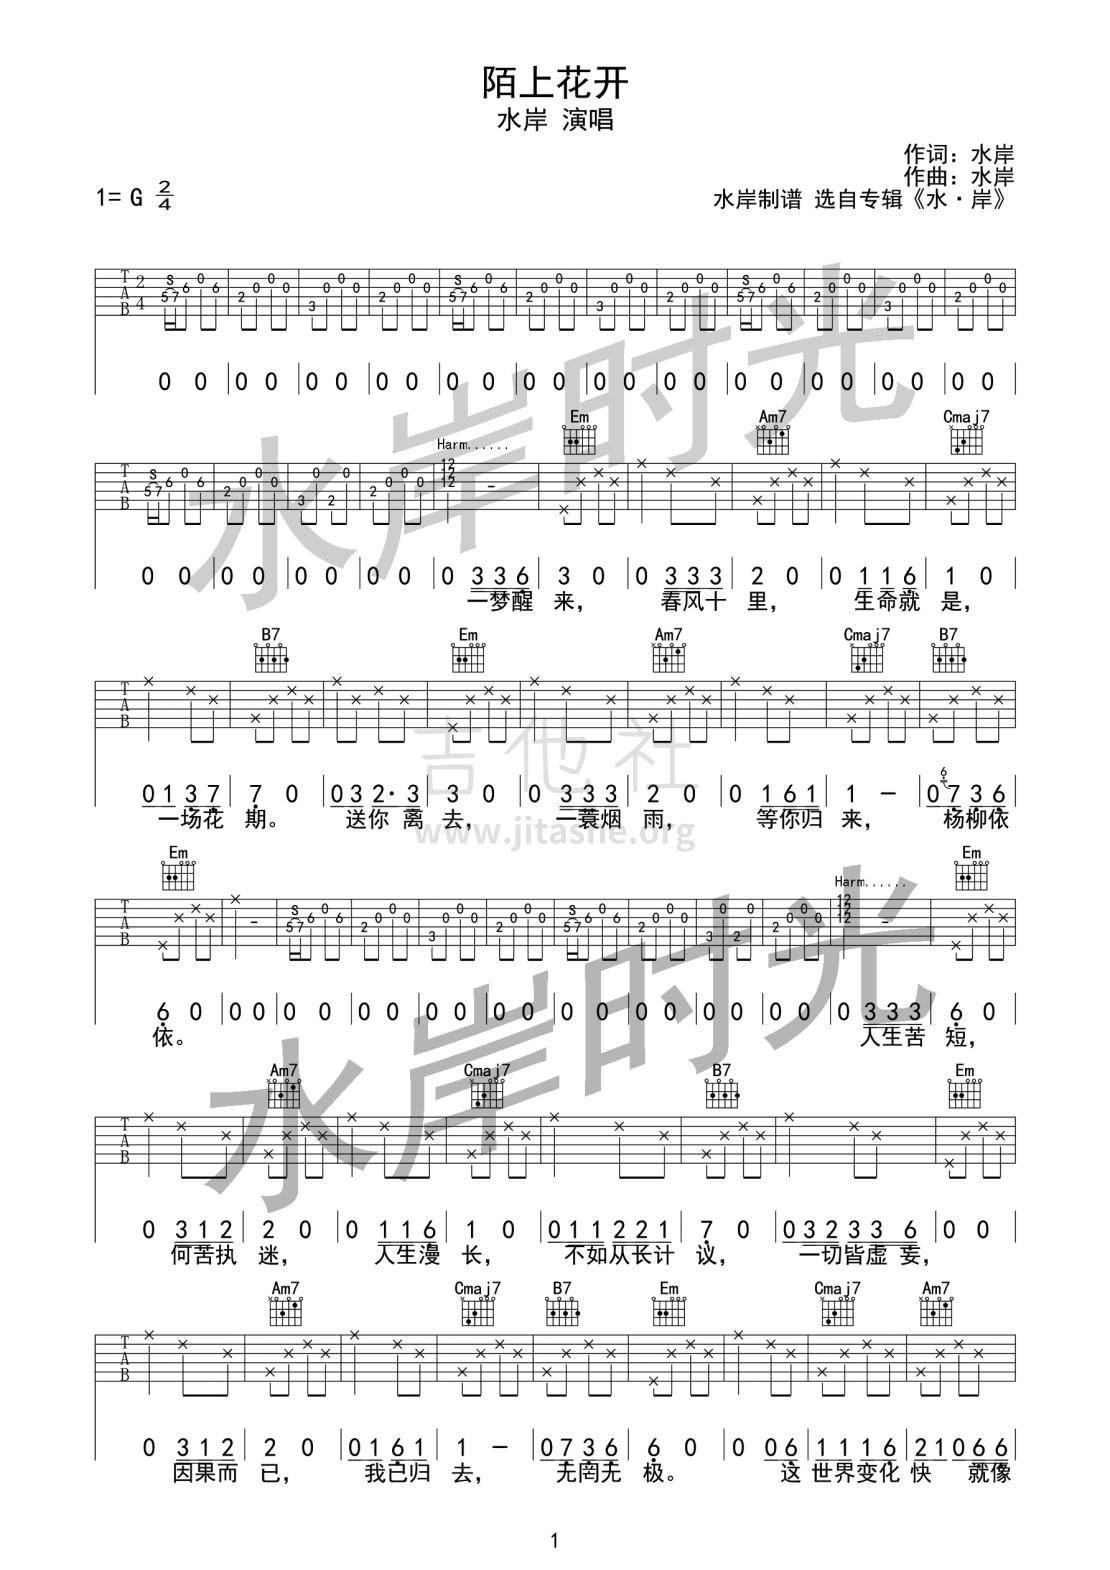 陌上花开吉他谱(图片谱,原版,简单版,木吉他)_水岸_陌上花开01.jpg